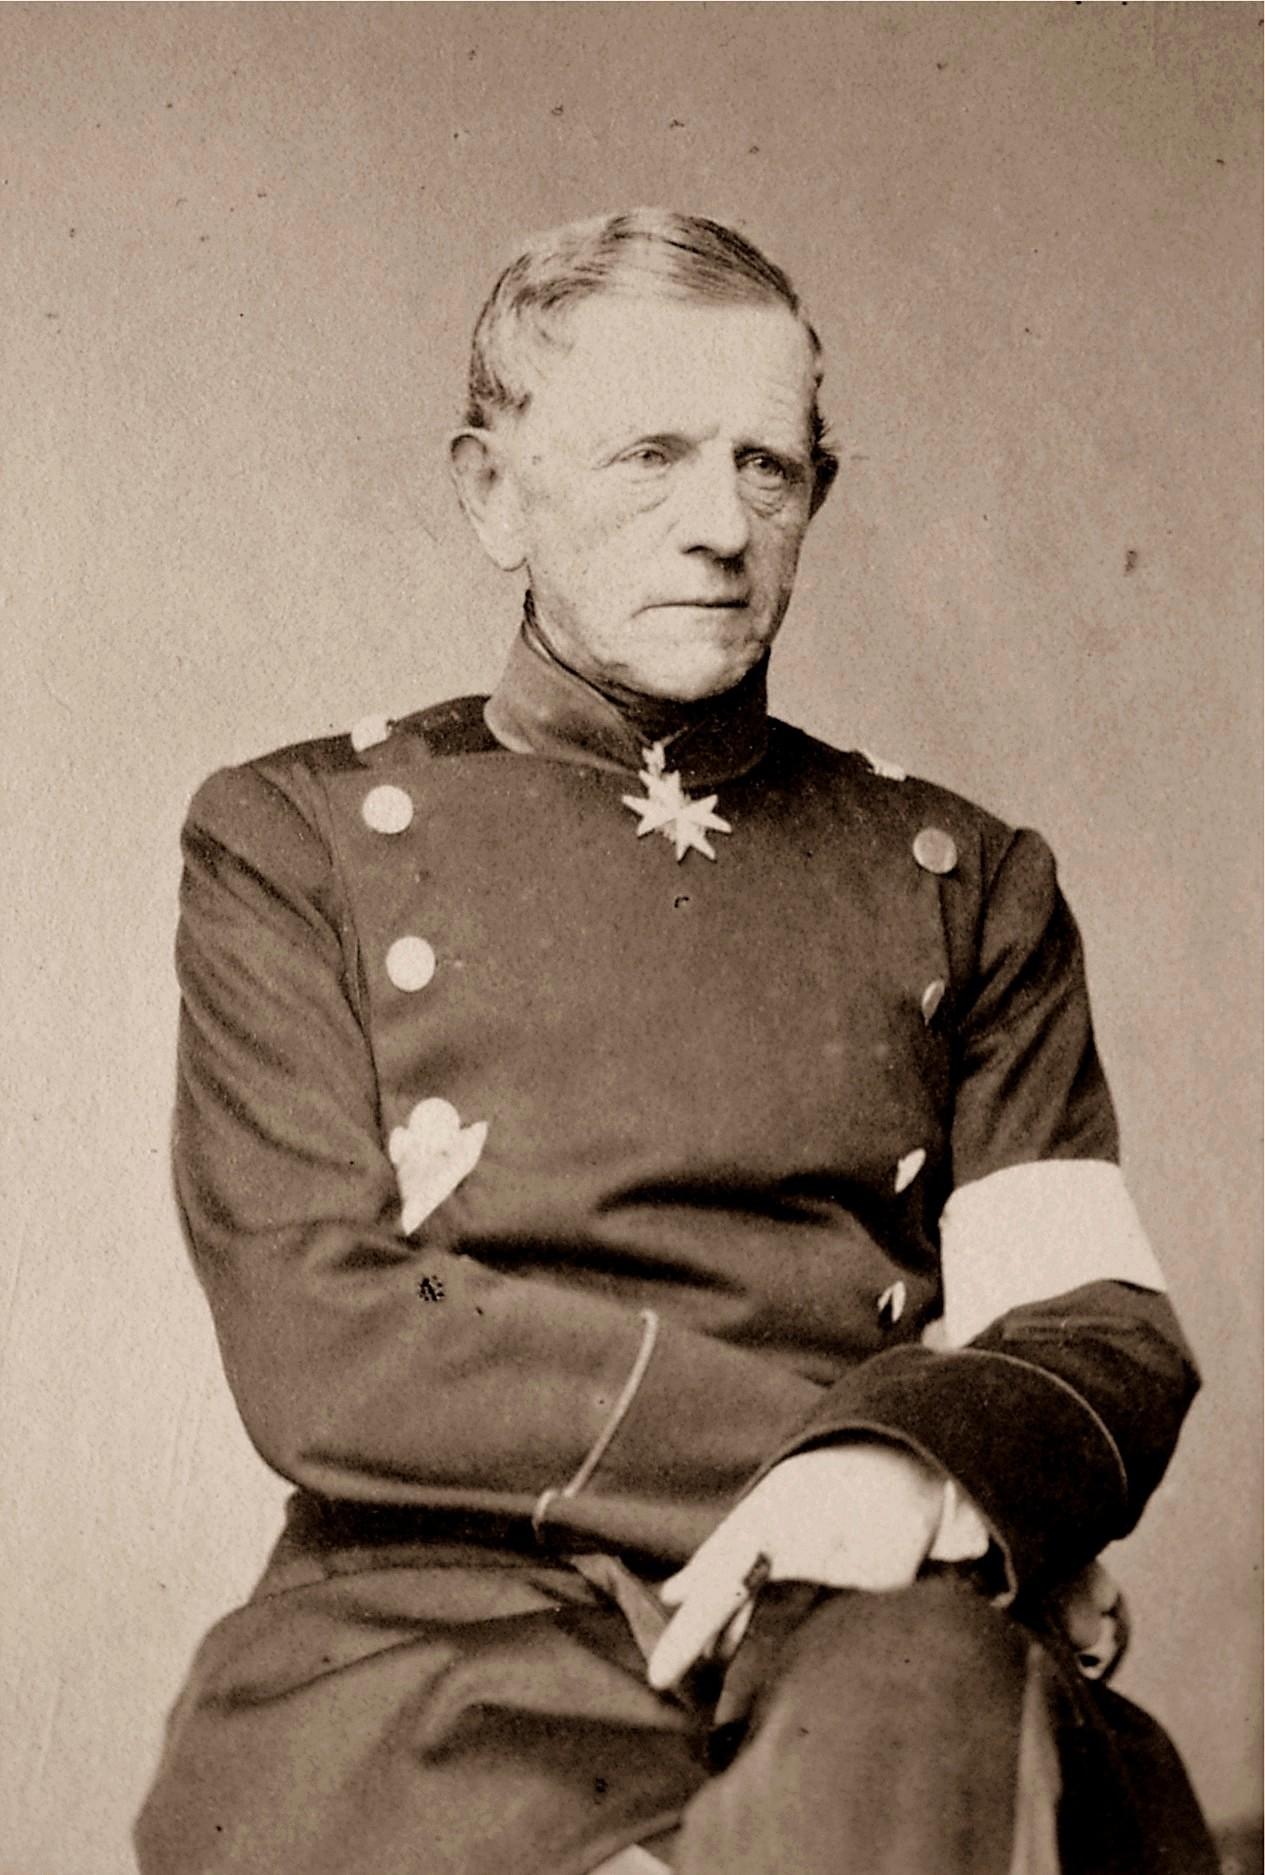 ... :Generalfeldmarschall Helmuth Graf von Moltke.JPG - Wikimedia Commons